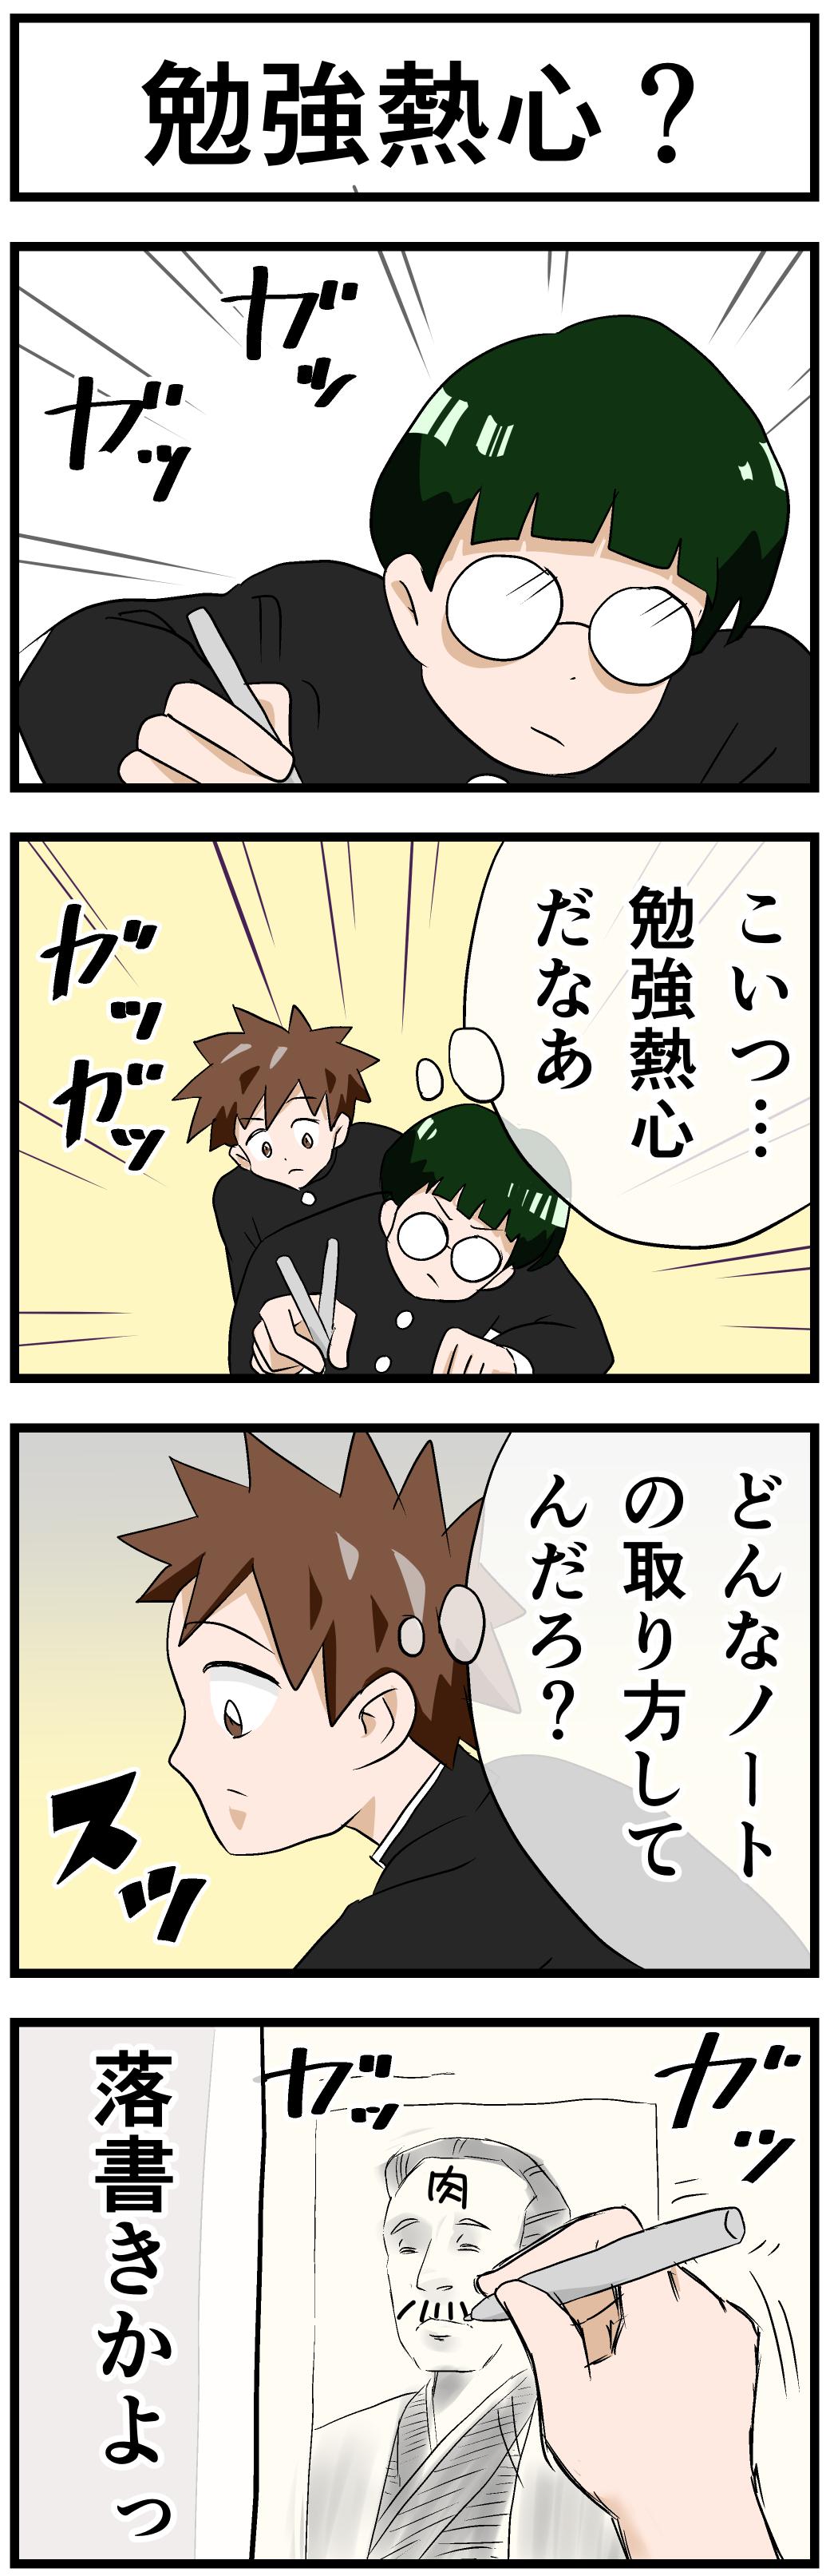 勉強熱心?_勉強あるあるネタ_四コマ漫画